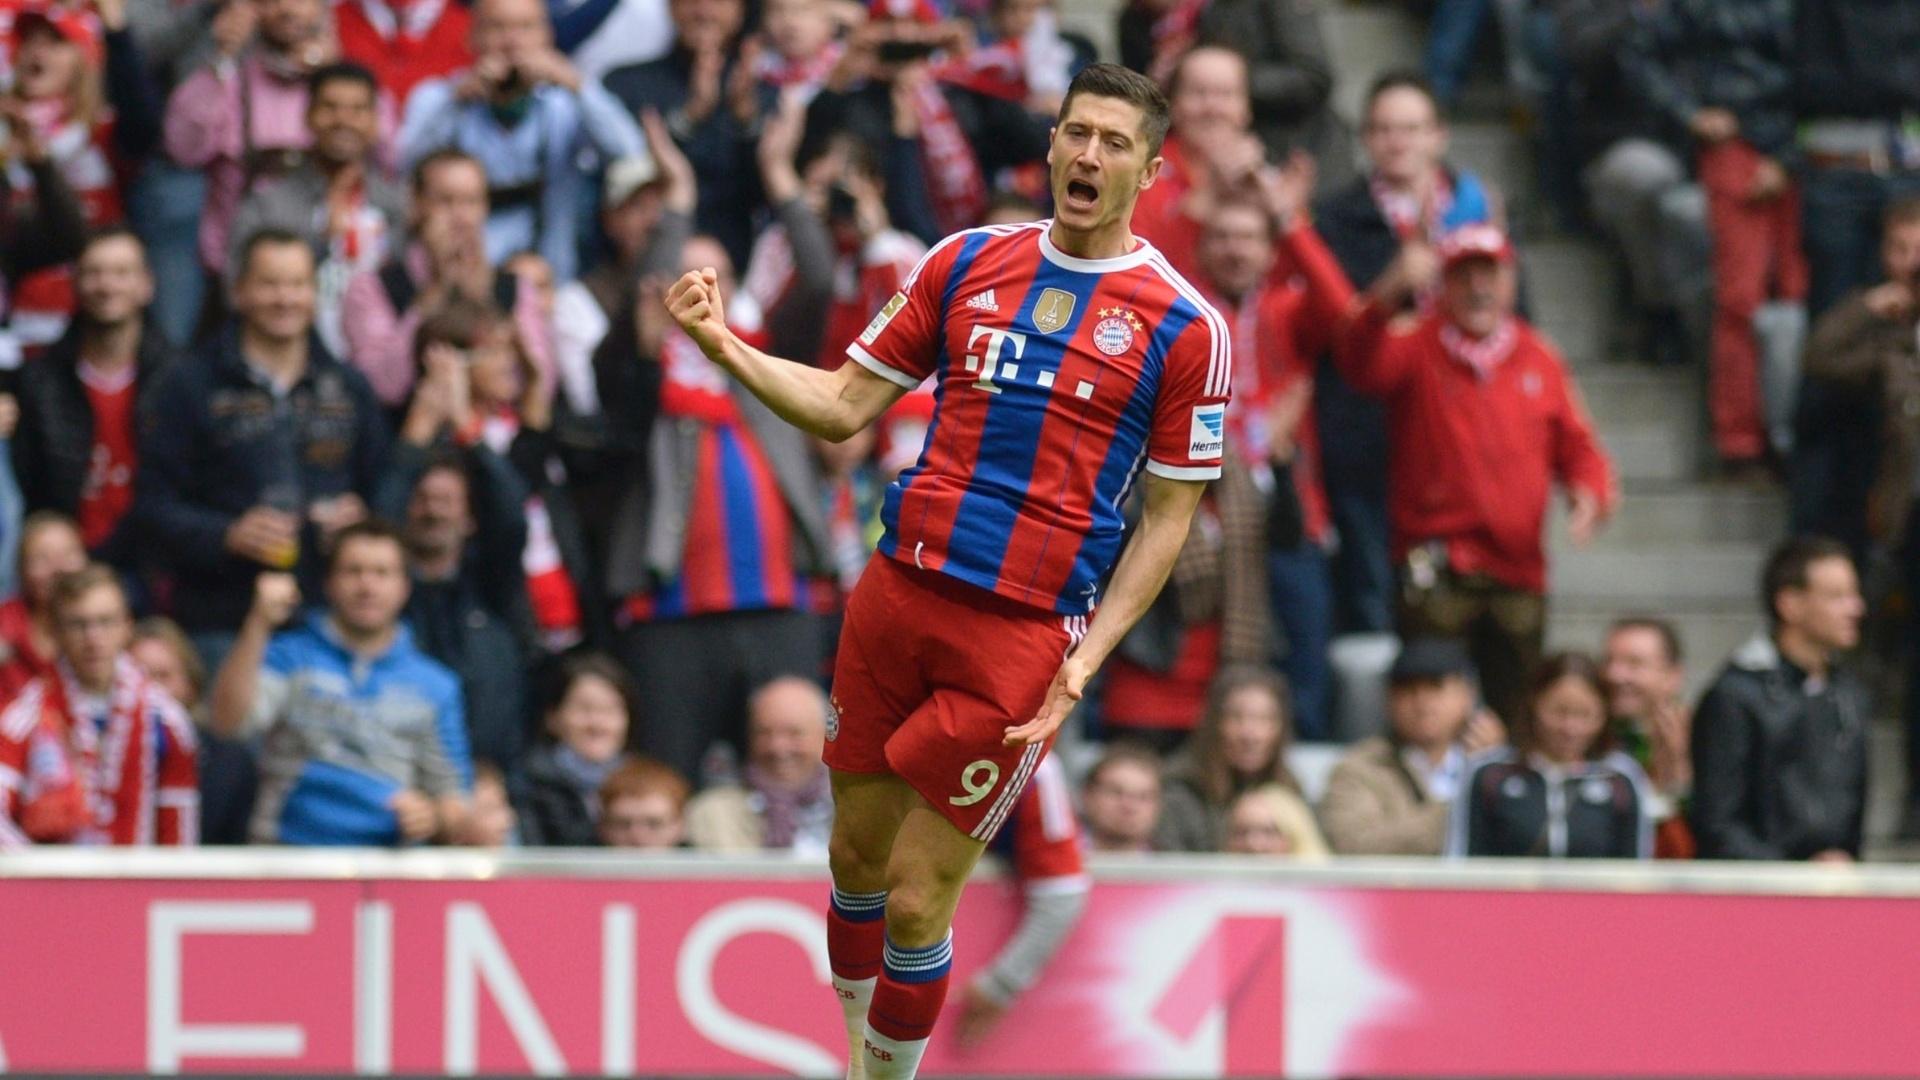 Lewandowski comemora seu 1º gol na vitória do Bayren de Munique por 4 a 0 sobre o Hannover